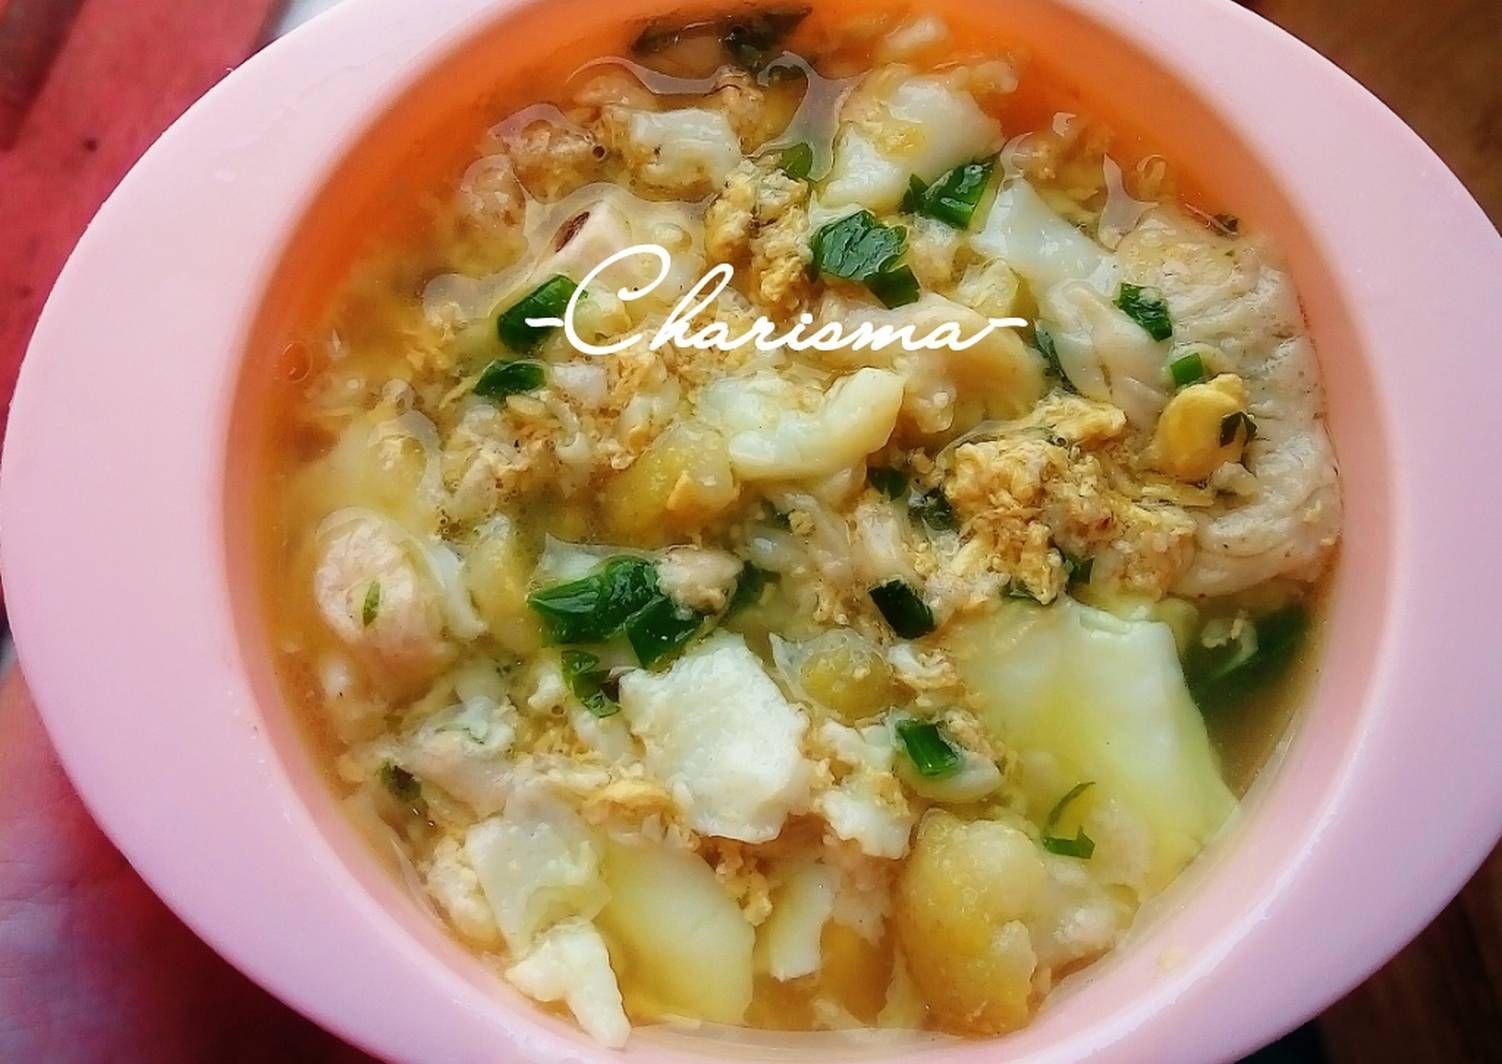 Resep Sup Telur Menu Balita 1y Oleh Charis Resep Resep Makanan Bayi Makanan Bayi Resep